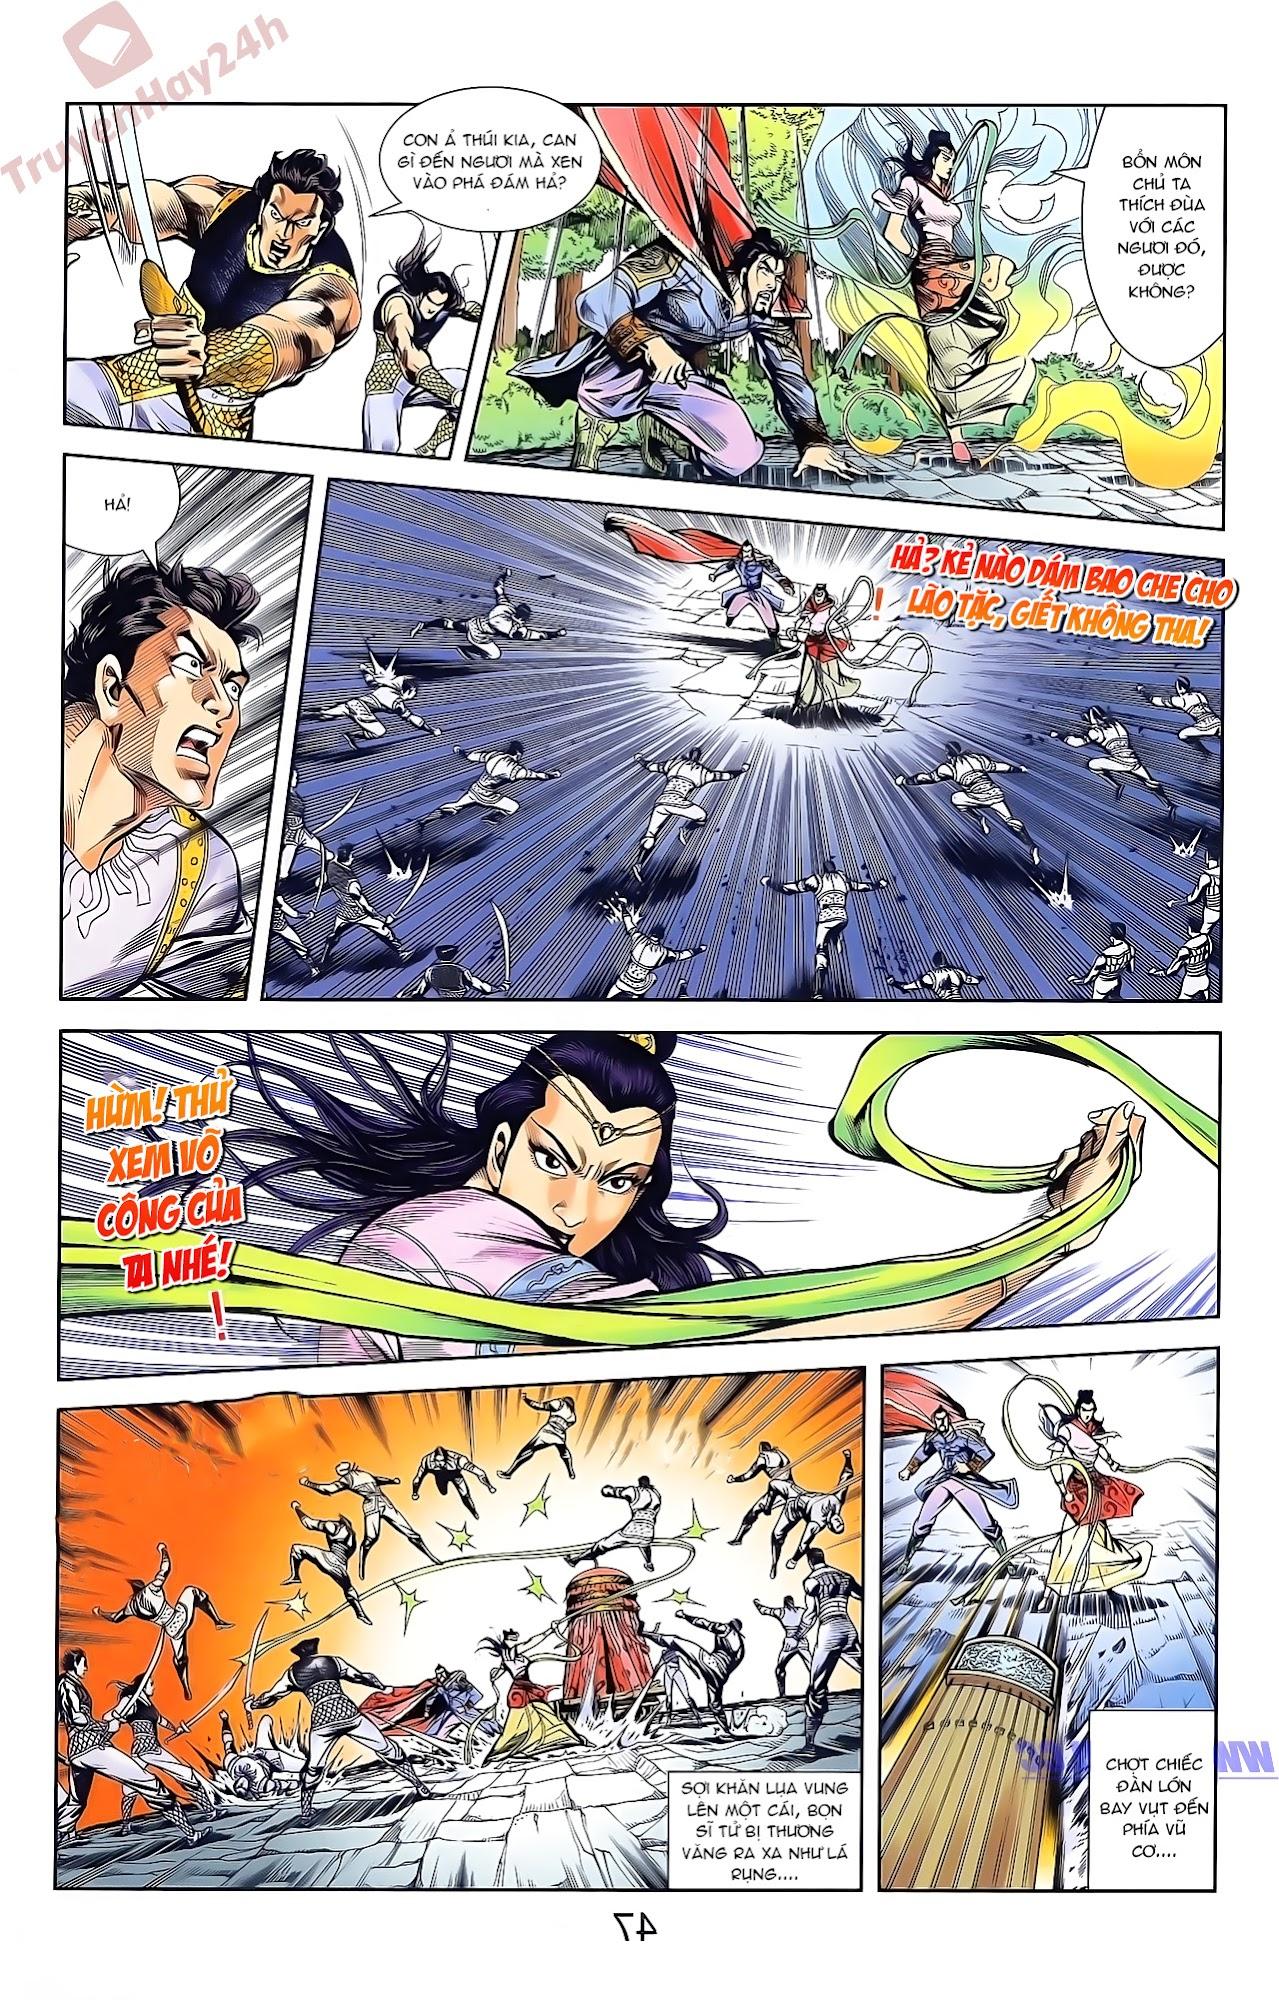 Tần Vương Doanh Chính chapter 46 trang 13